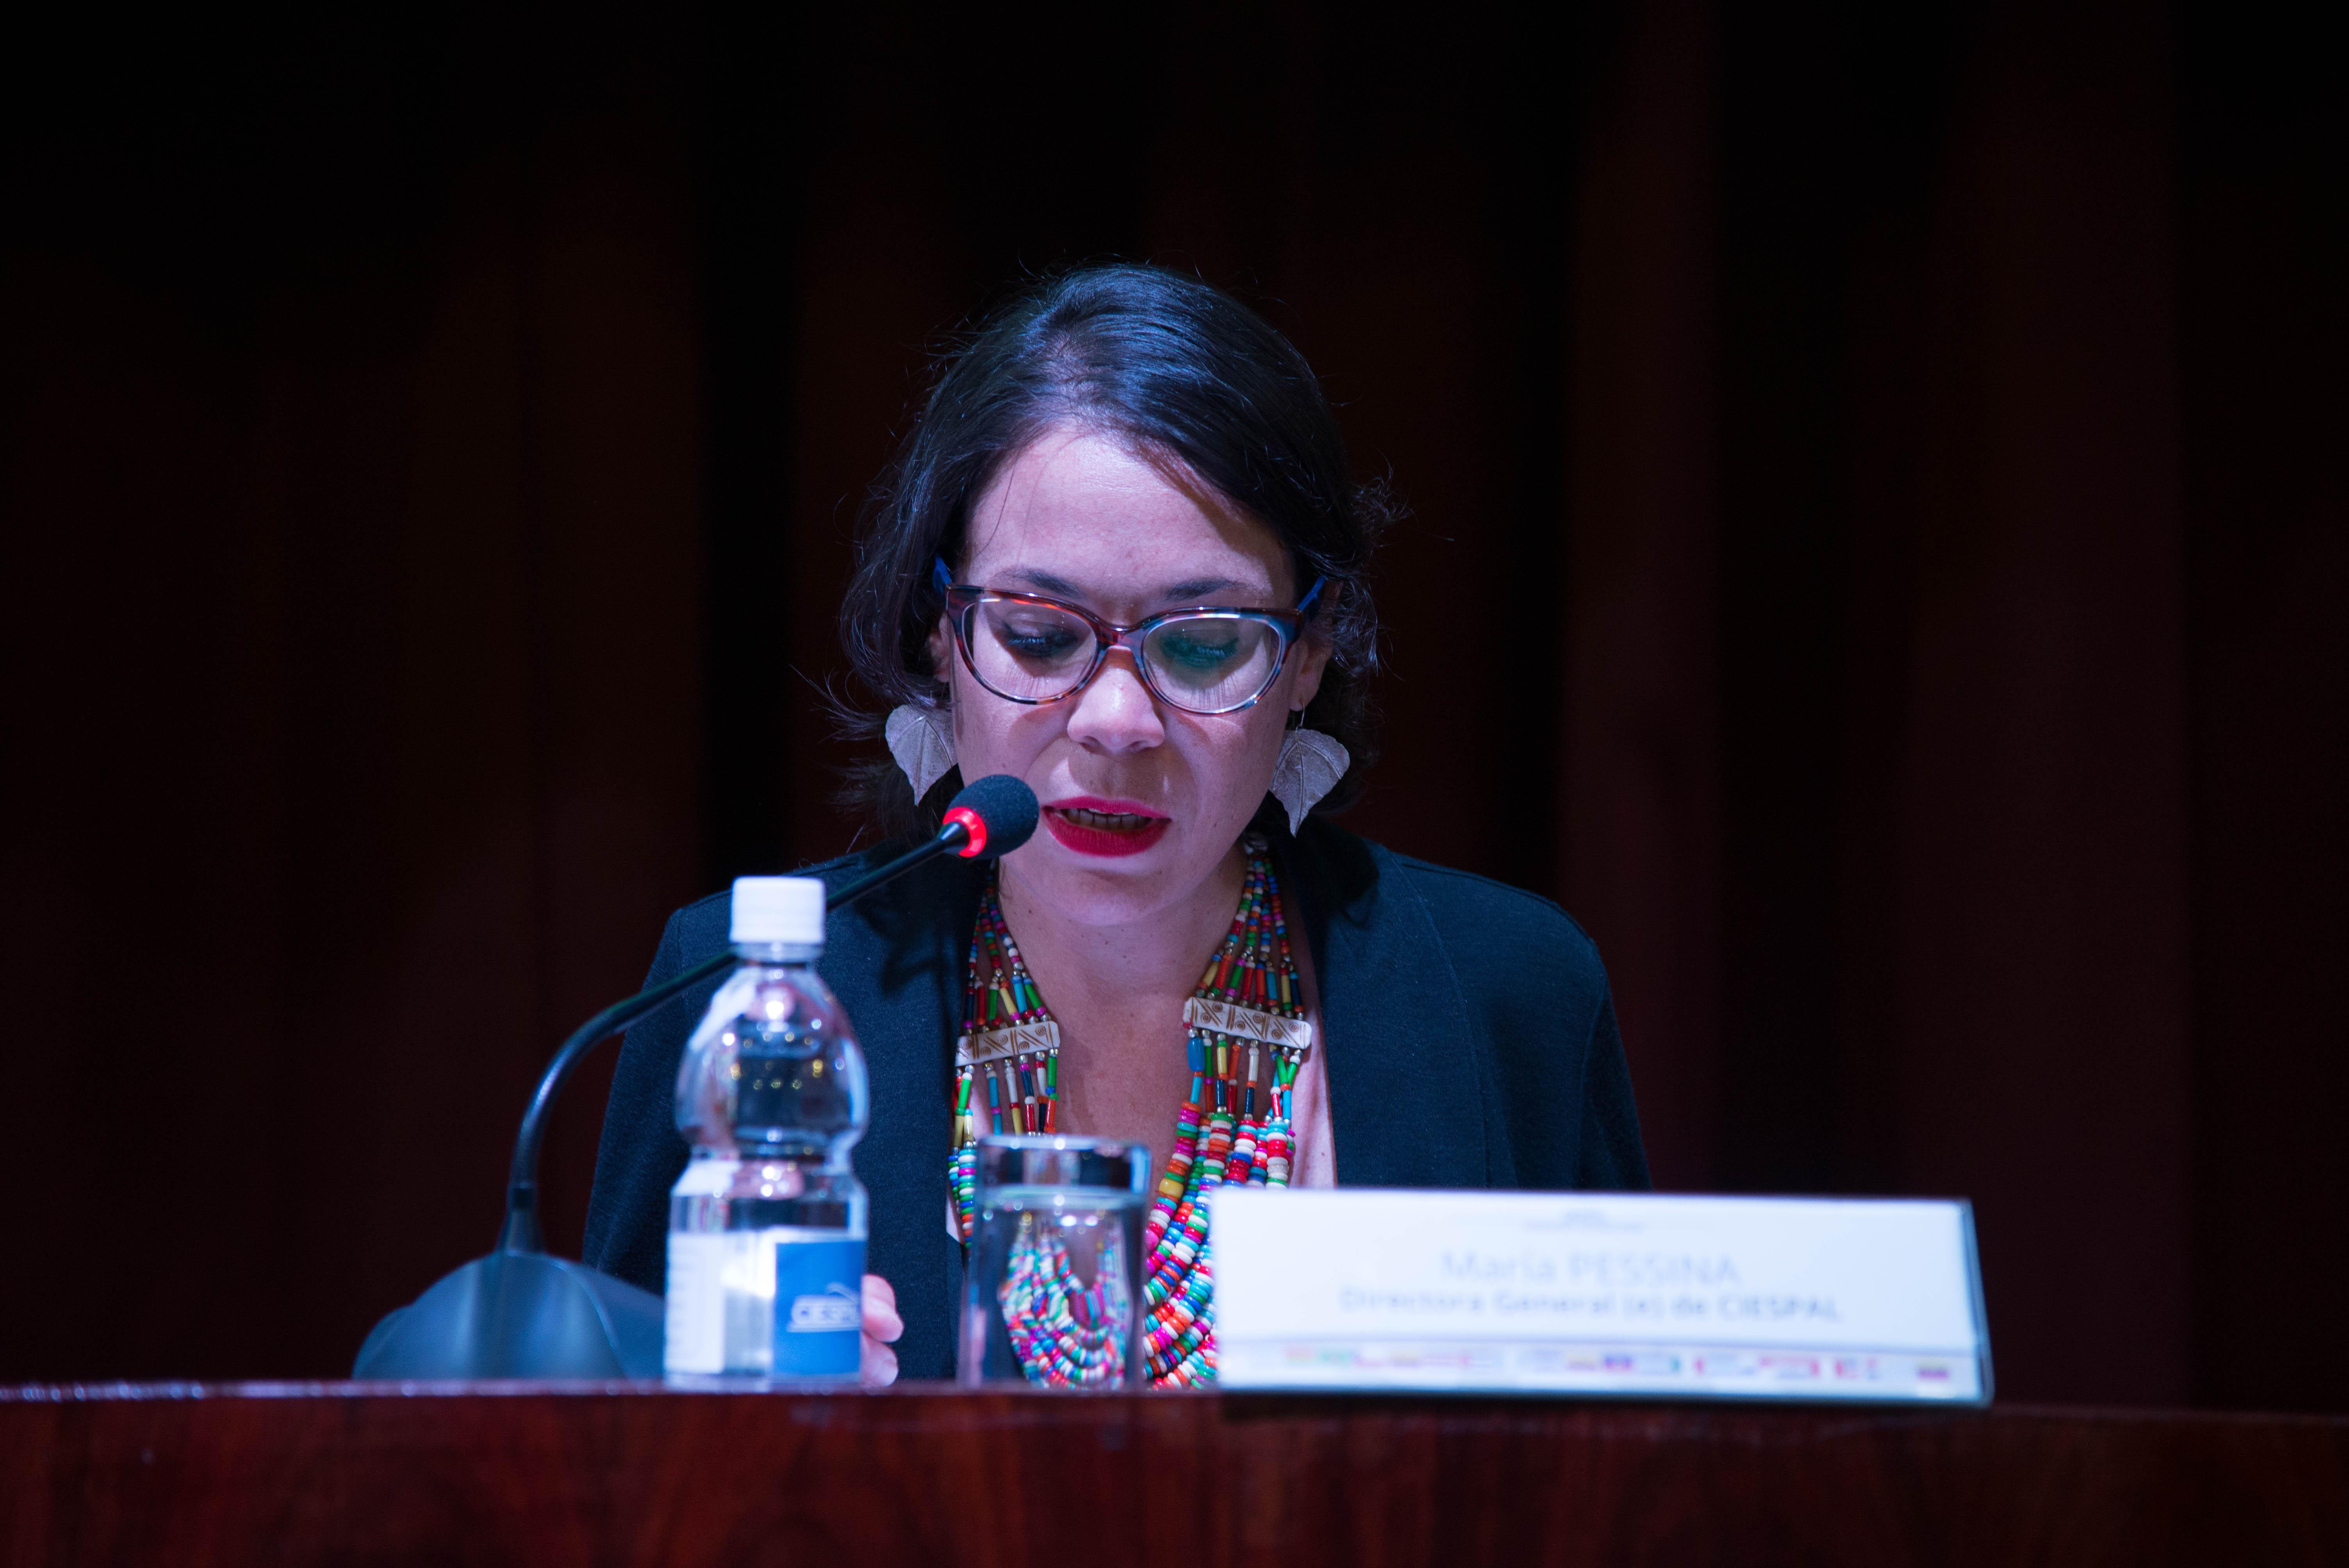 Directora de Cooperación de CIESPAL participó en el 1er Encuentro Internacional de Ciberfeminismo y Activismo Digital Feminista